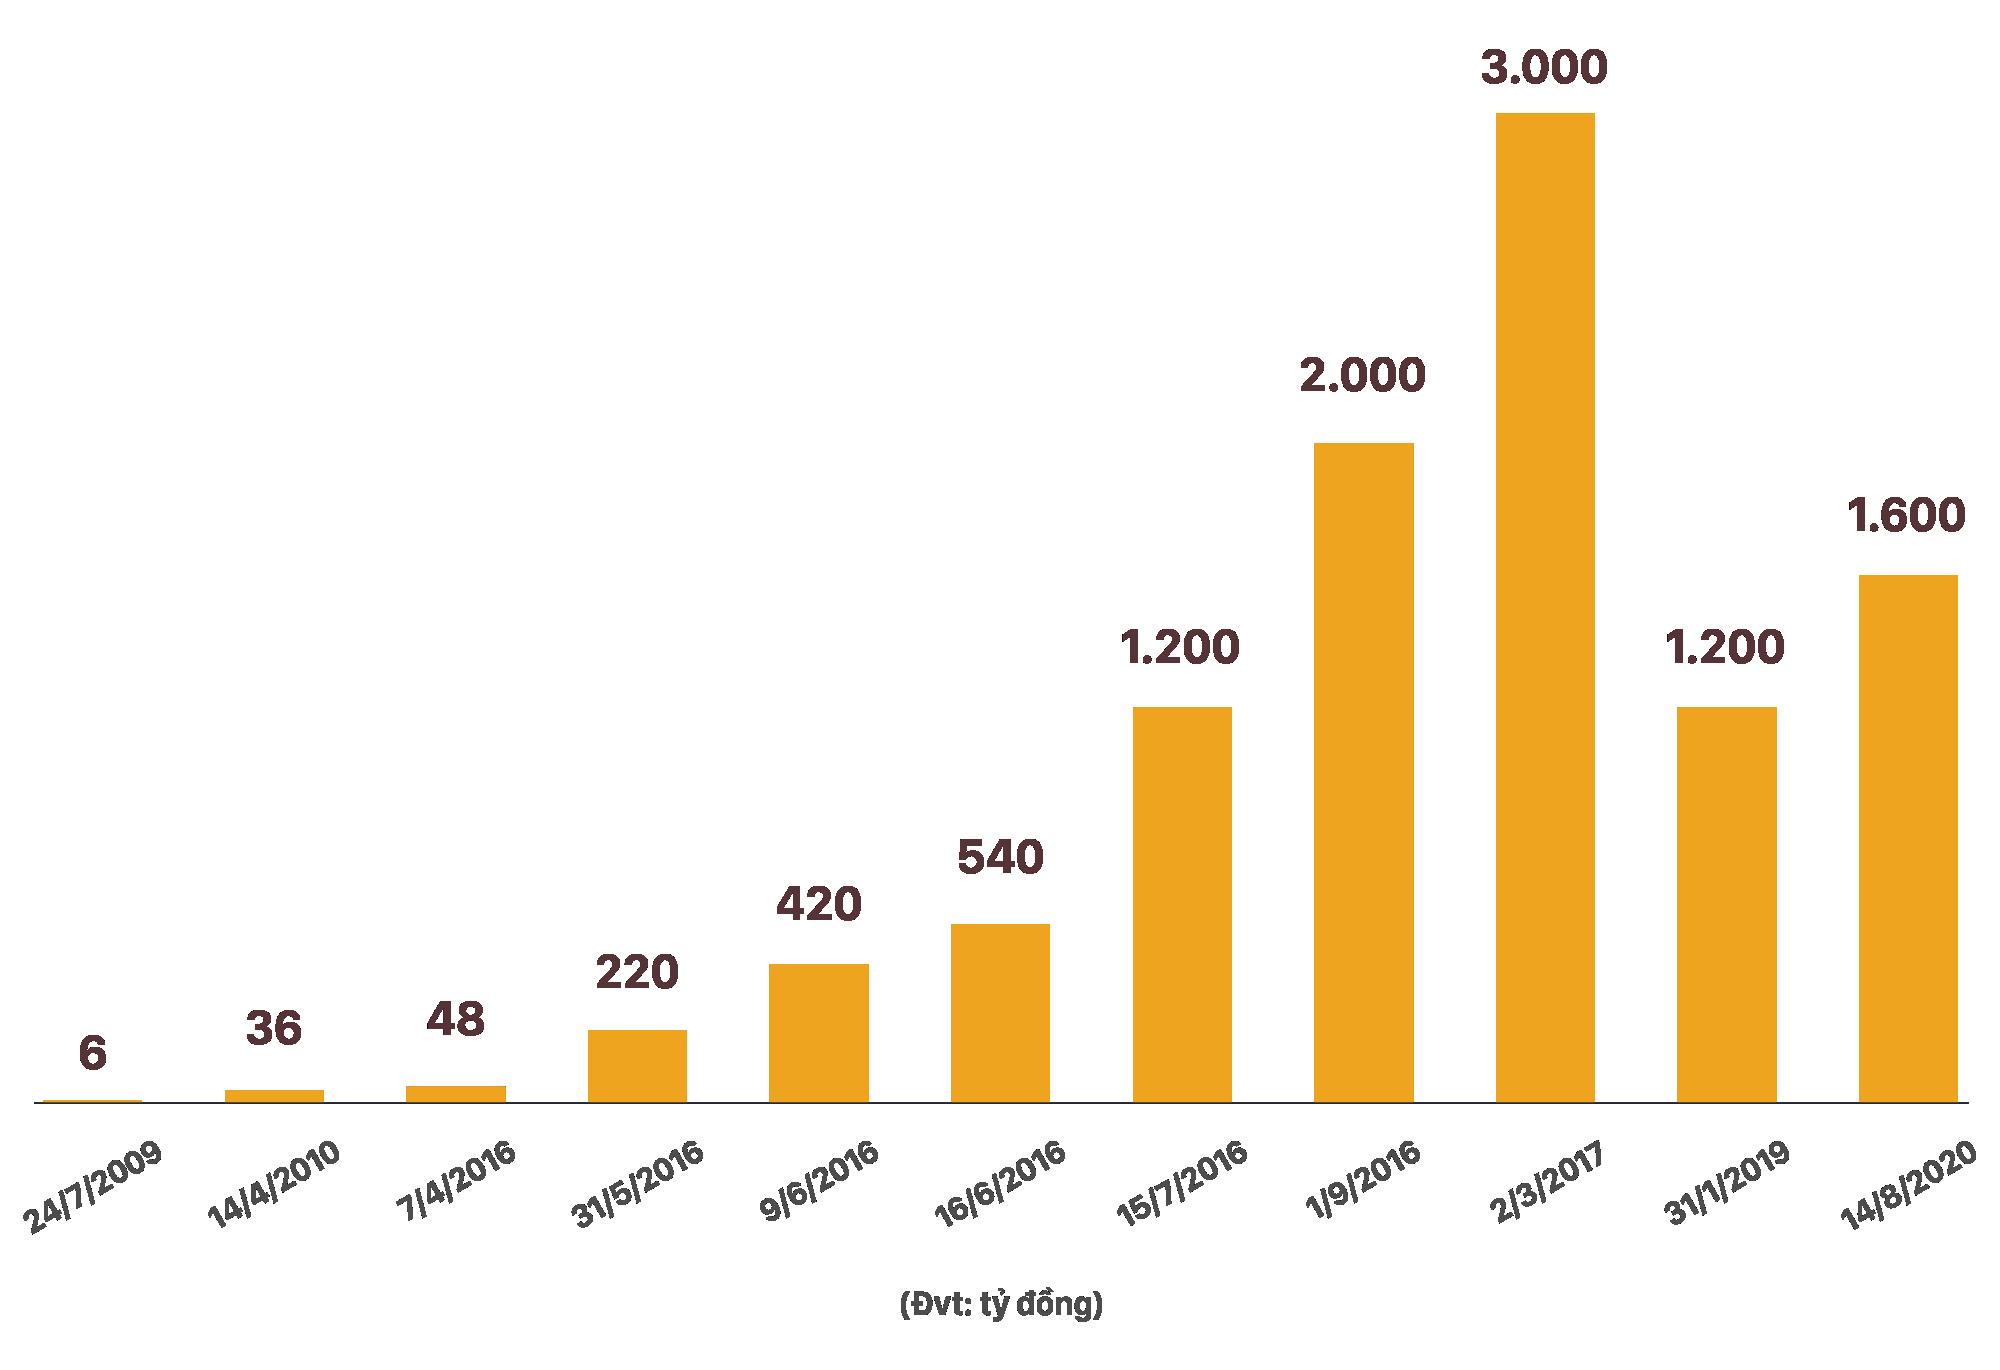 Hành trình tăng vốn lên nghìn tỷ đồng của doanh nghiệp môi giới BĐS sắp lên sàn - Ảnh 2.